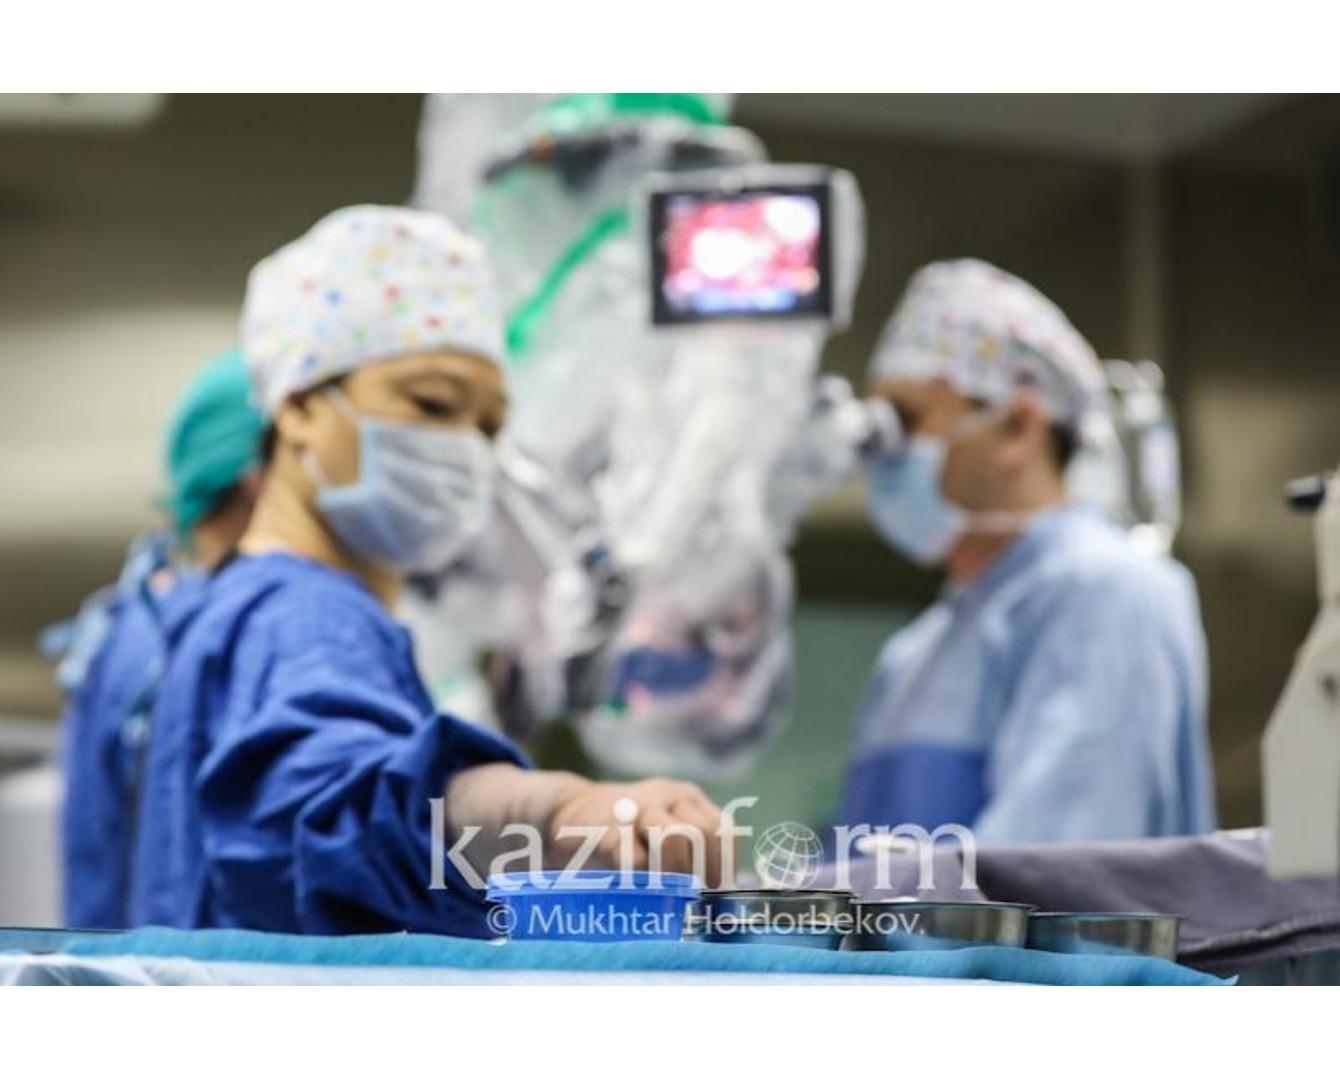 Институт Сызганова провел более 250 операций по трансплантации почек с 2012 года